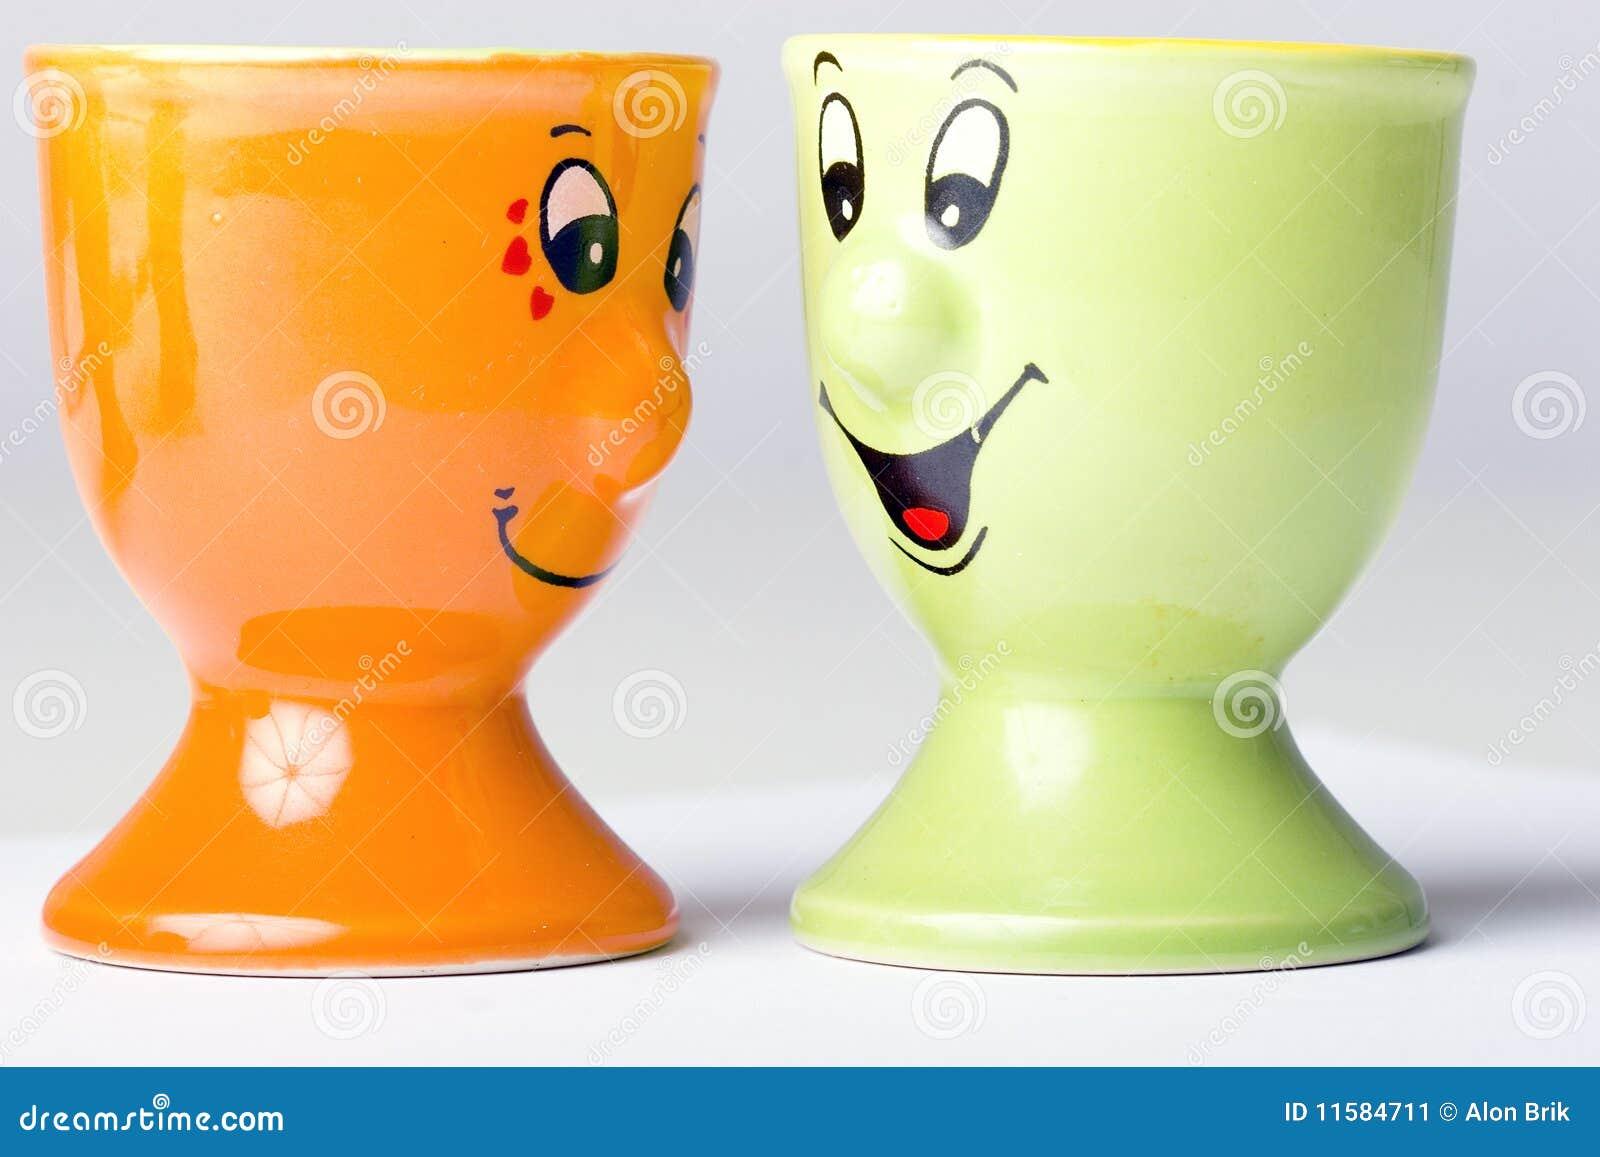 Pair of egg holders